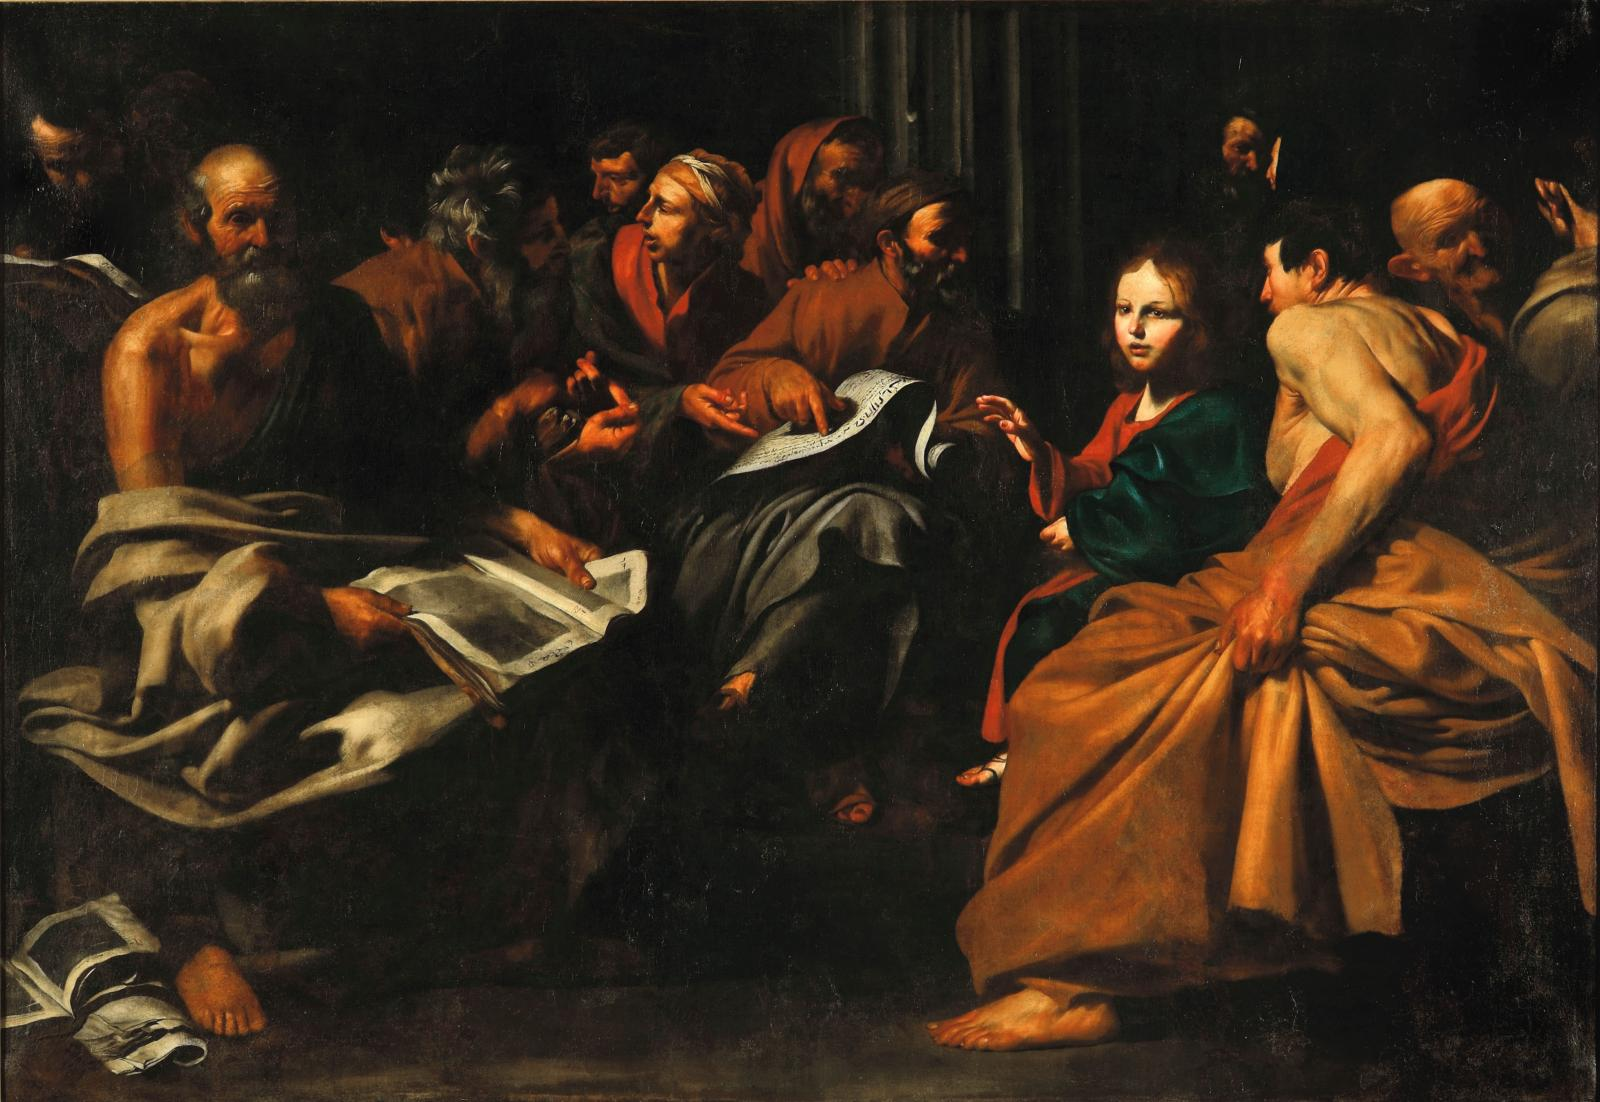 Jusepe de Ribera, Jésus parmi les docteurs, 1613, 210x288cm. Langres, musée d'Art et d'Histoire de Langres.© Sylvain Riandet- Ville de